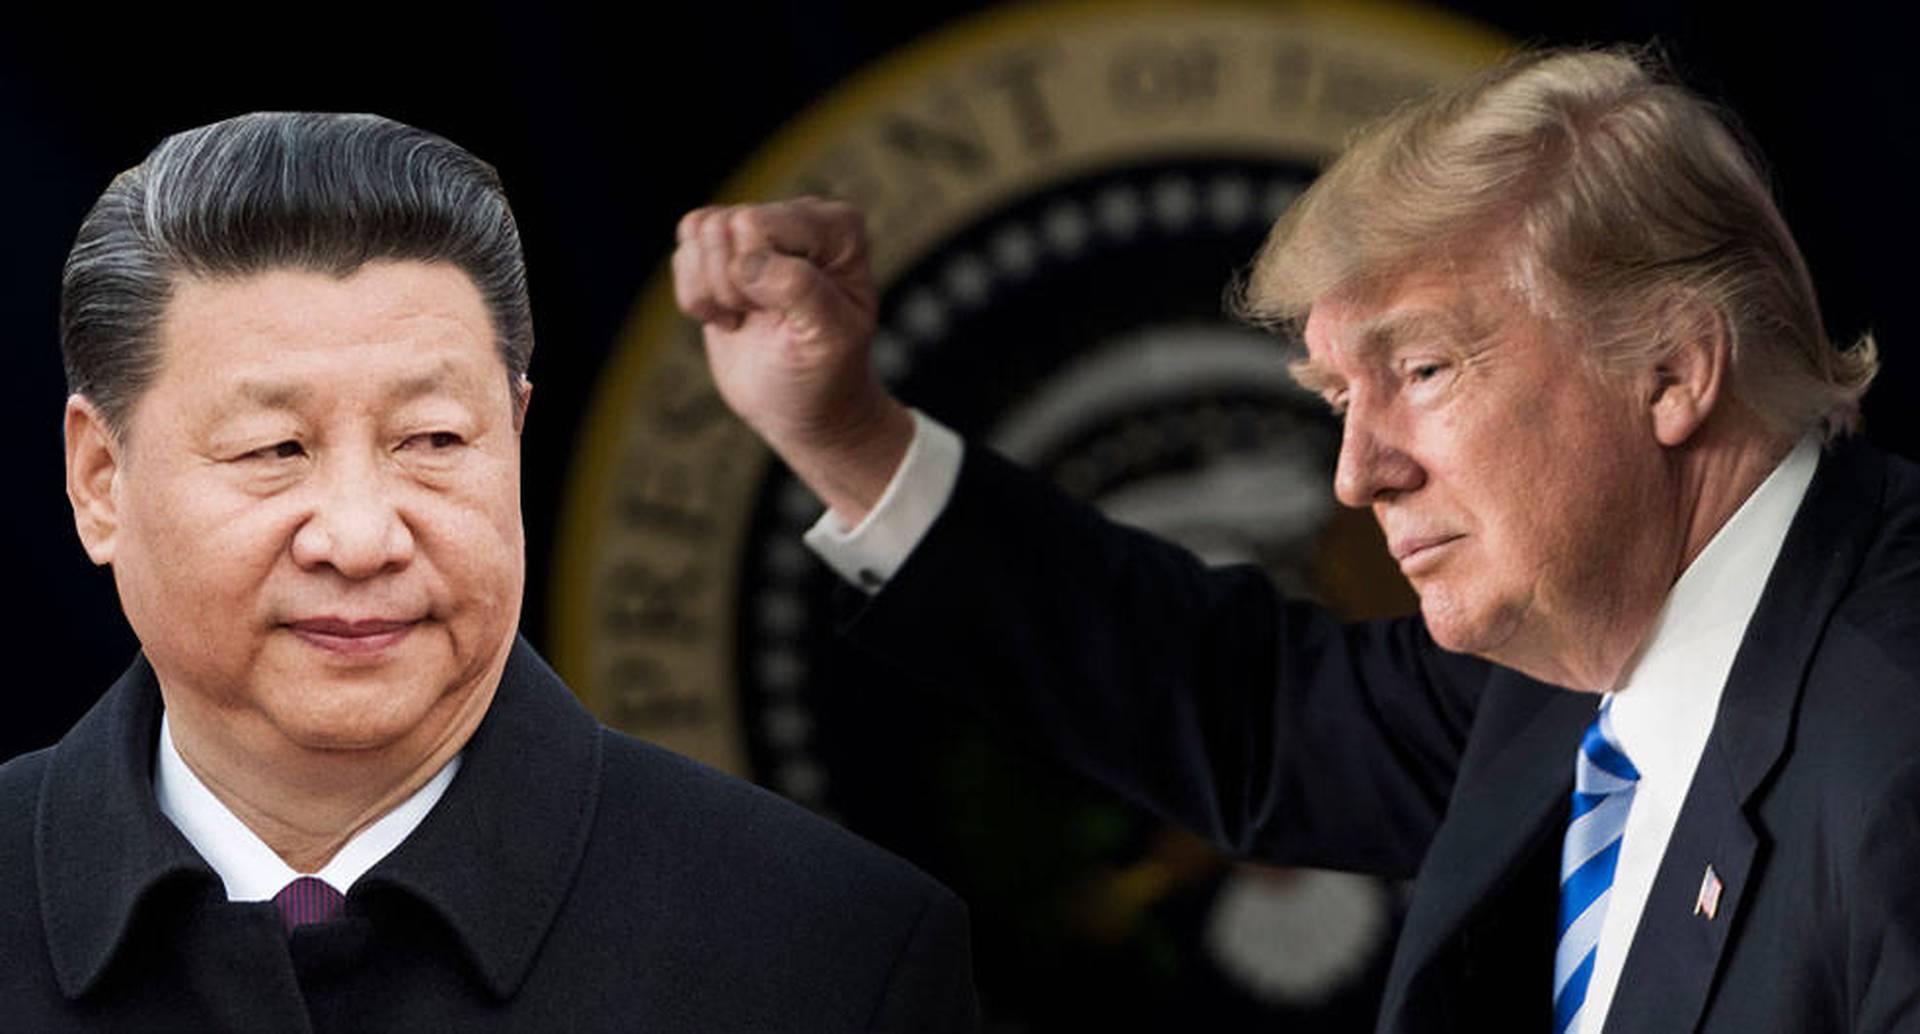 Hace unos meses el mandatario norteamericano aseguró que si no fuera por él, Hong Kong ya estaría destruida.